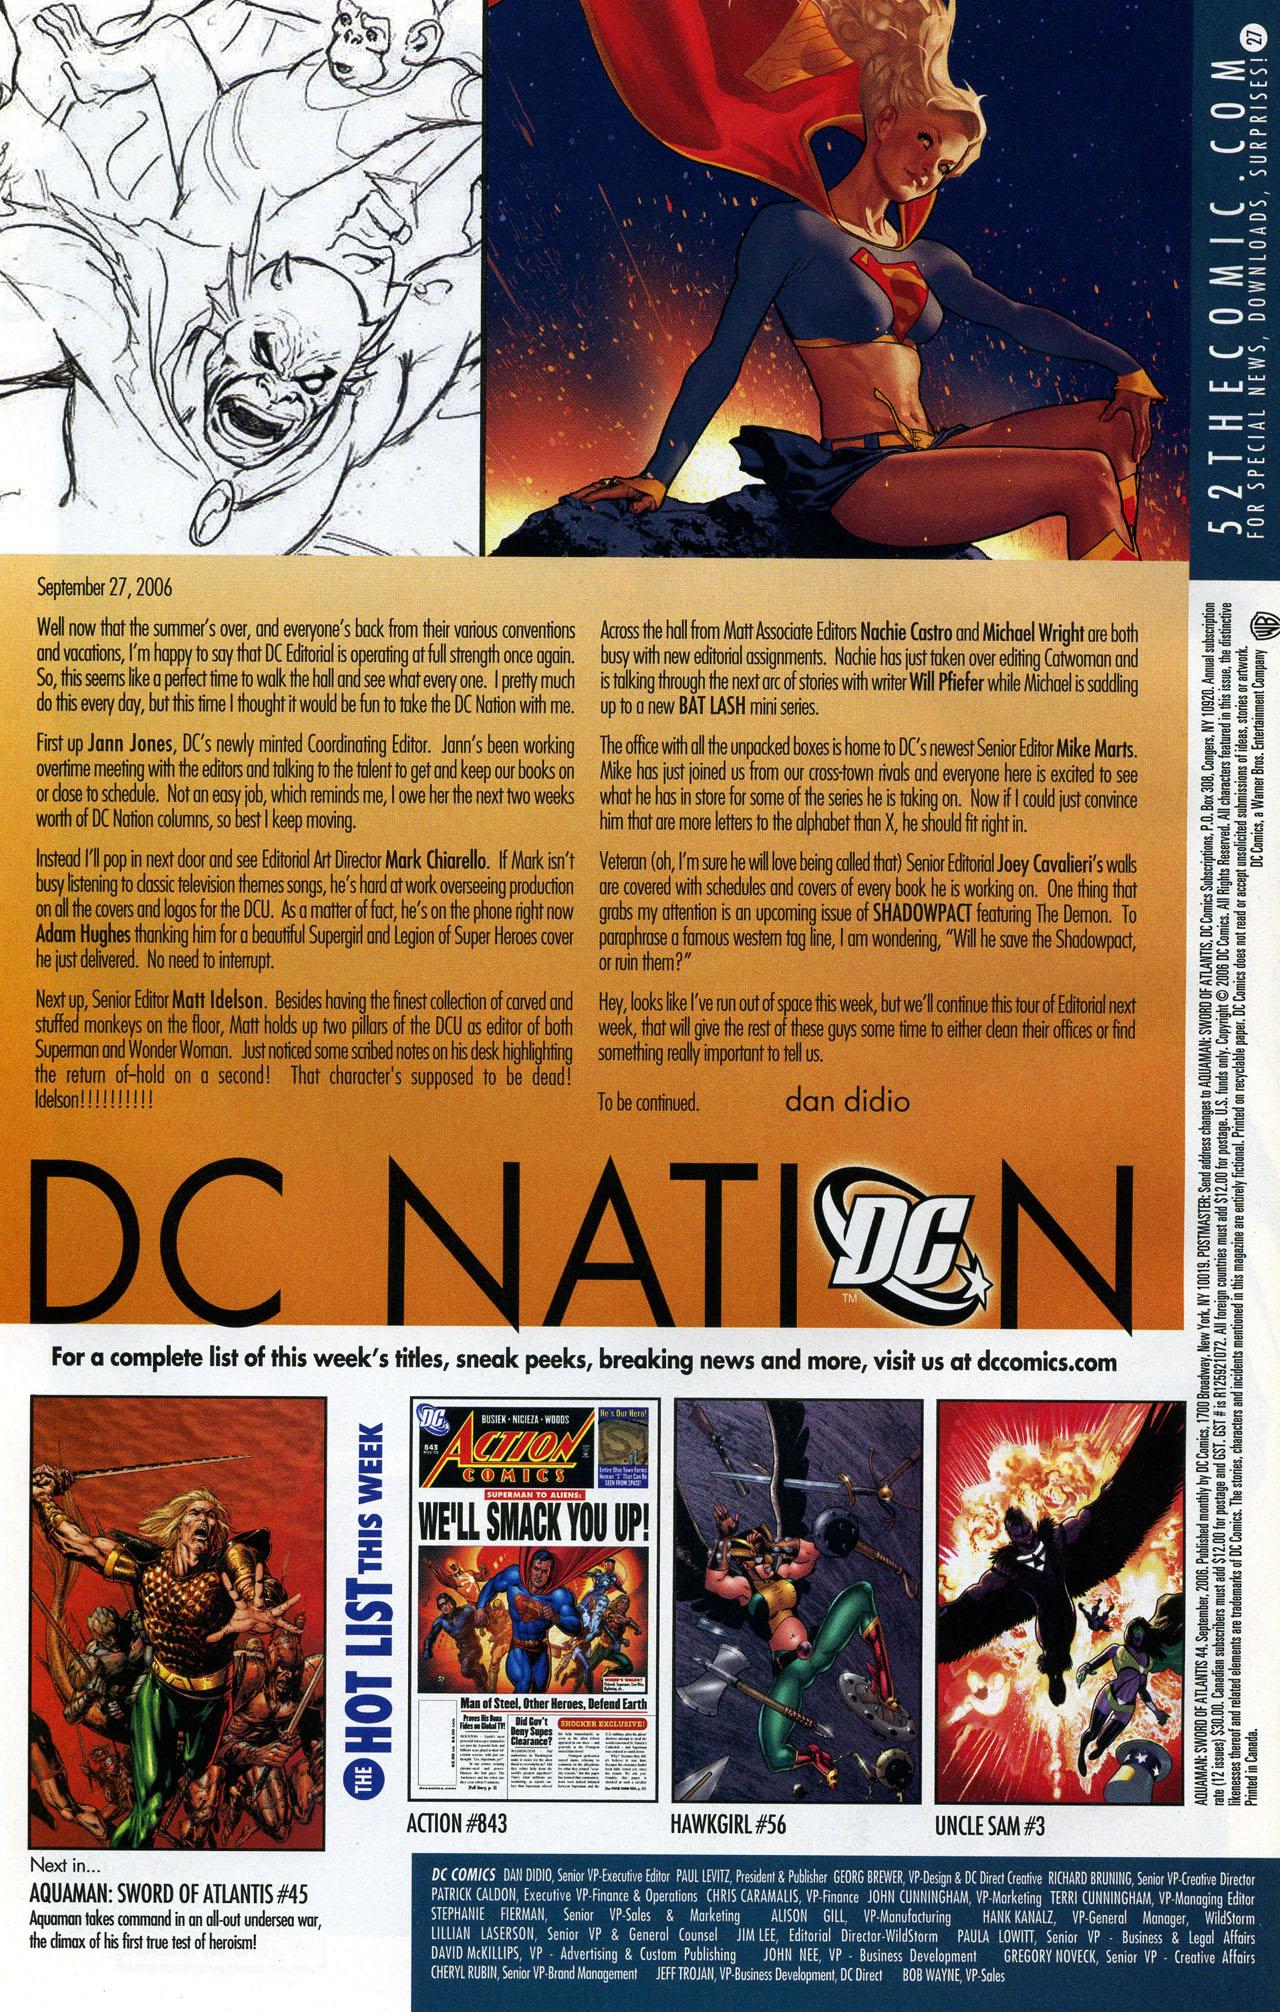 Read online Aquaman: Sword of Atlantis comic -  Issue #44 - 23